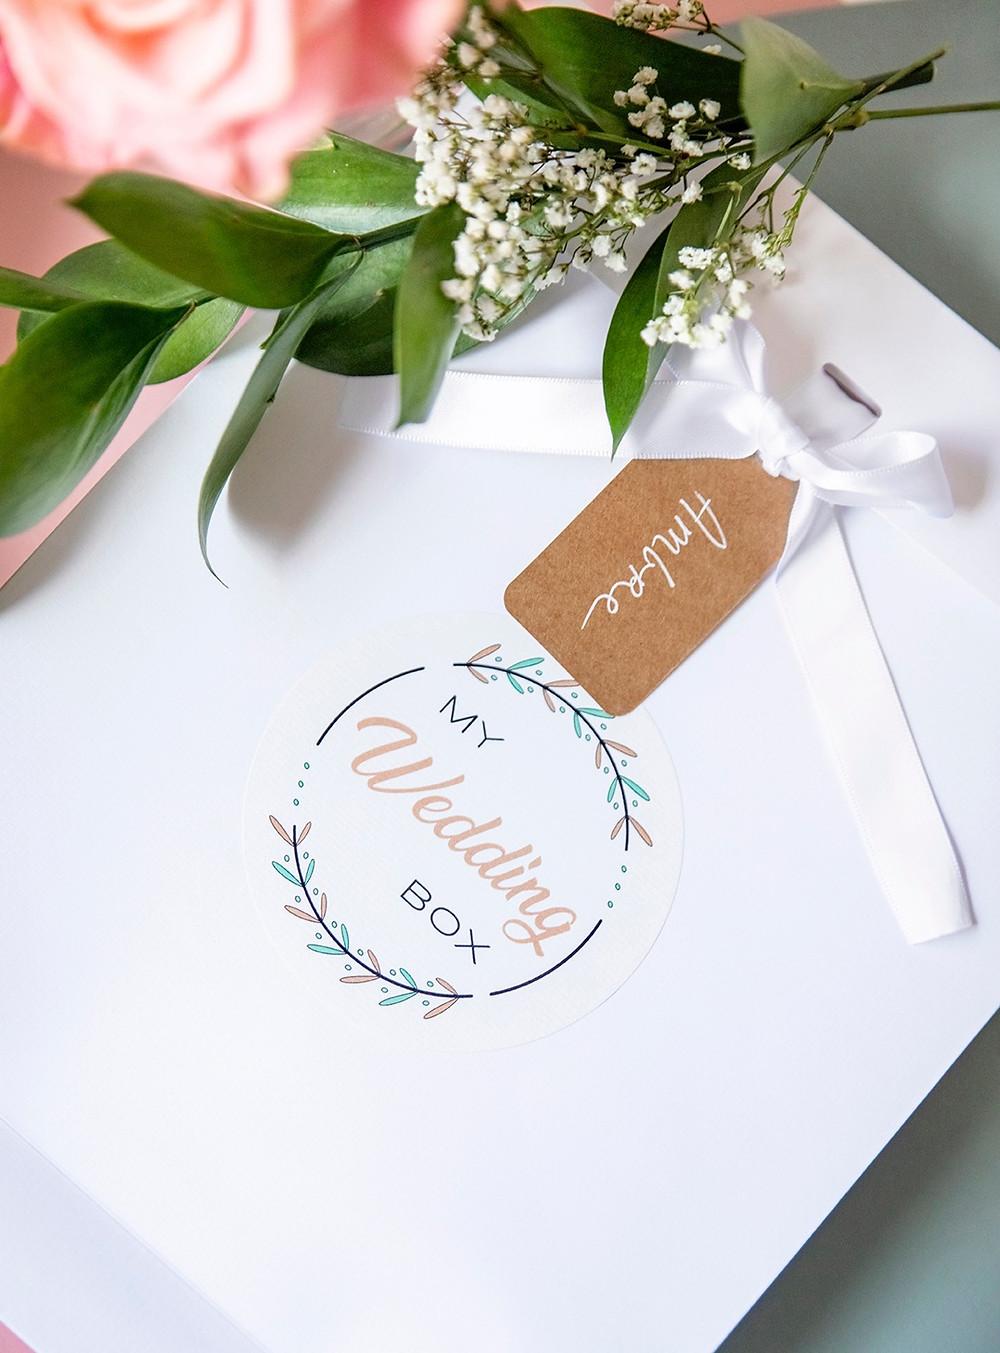 Pochette cadeau mariage, pochette cadeau suisse, coffret cadeau suisse, coffret cadeau mariage suisse, local, artisanal, cadeau mariage original